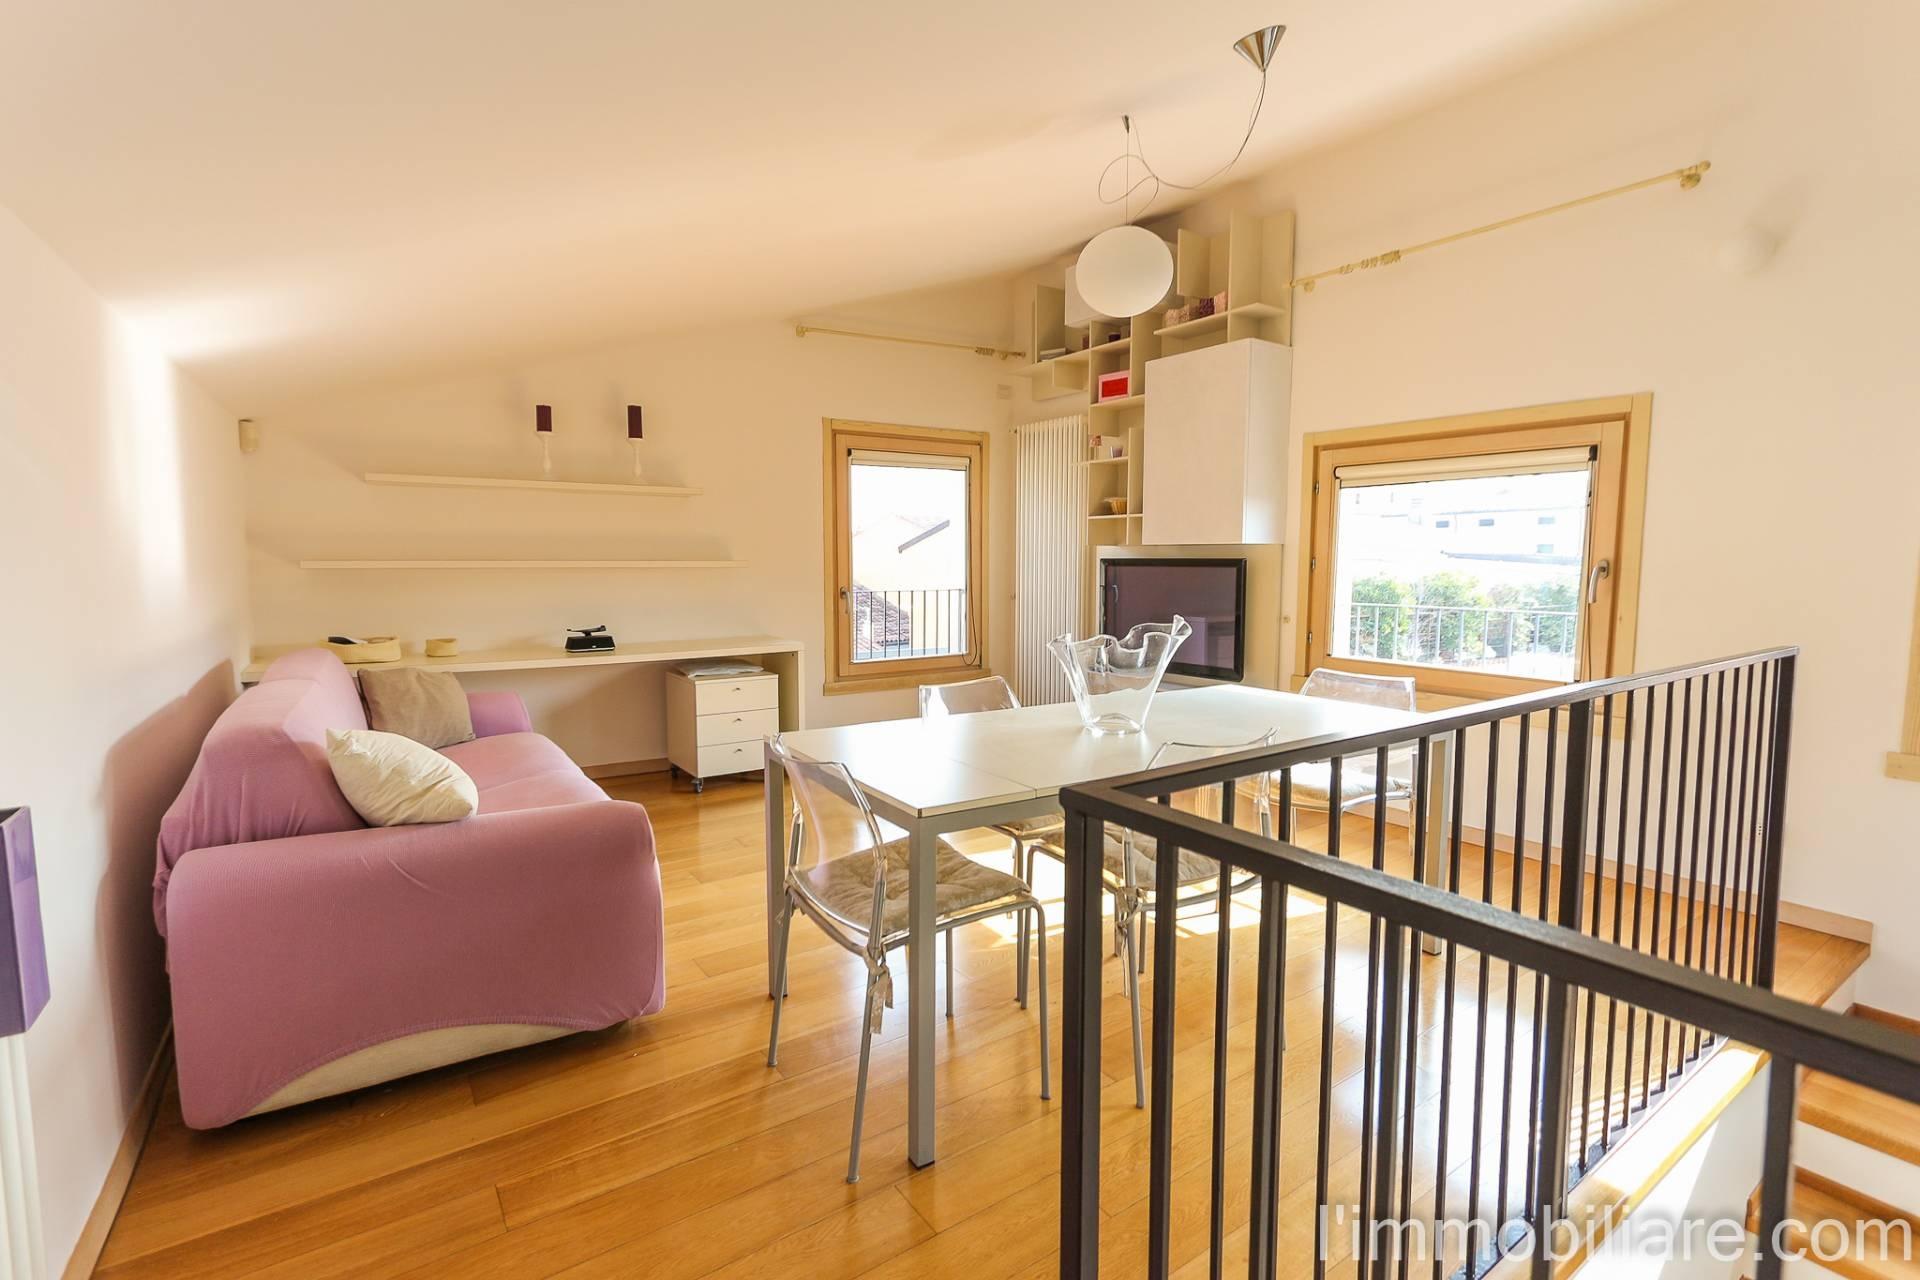 Appartamento in affitto a Verona, 2 locali, zona Località: Centrostorico, prezzo € 900 | CambioCasa.it